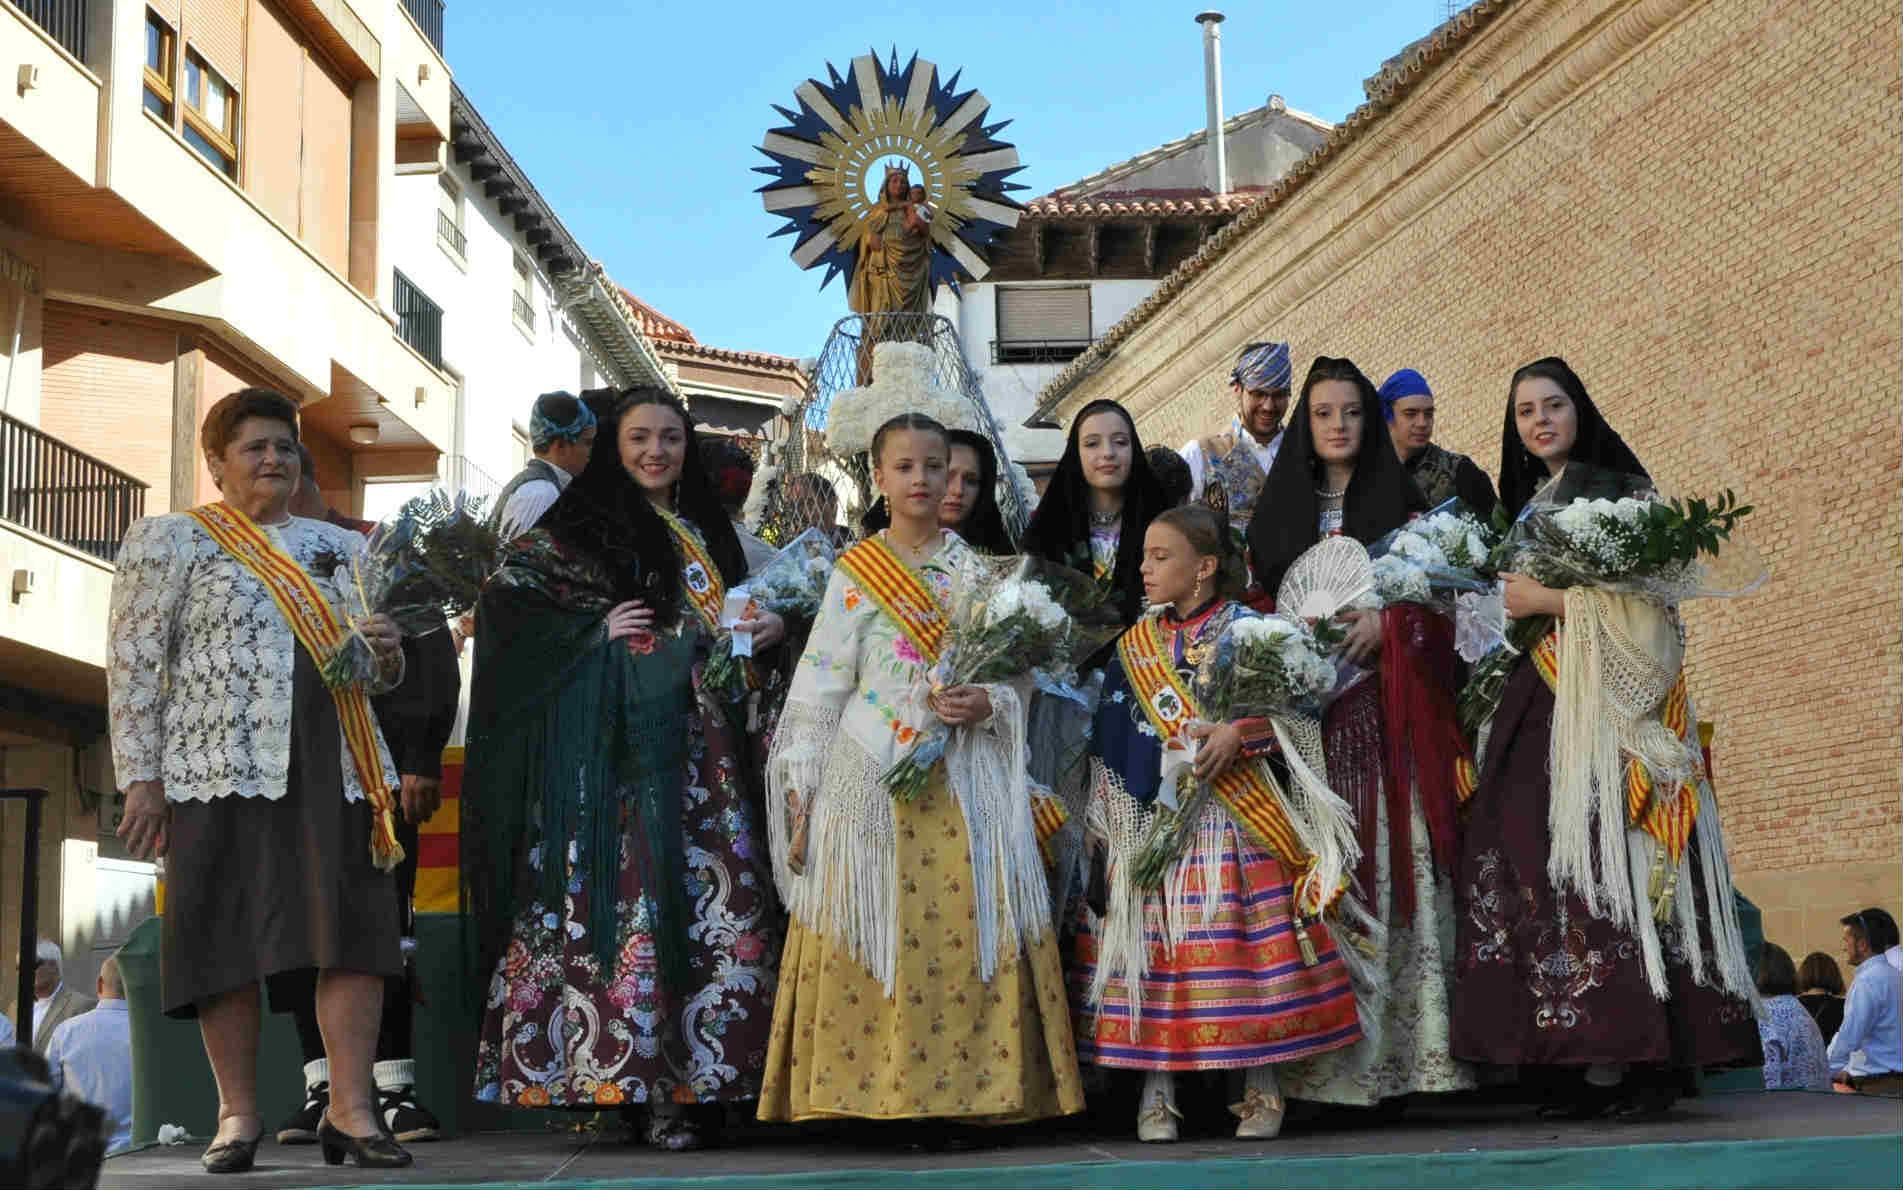 Familias enteras y grupos de amigos pasaron por la Ofrenda a la Virgen del Pilar